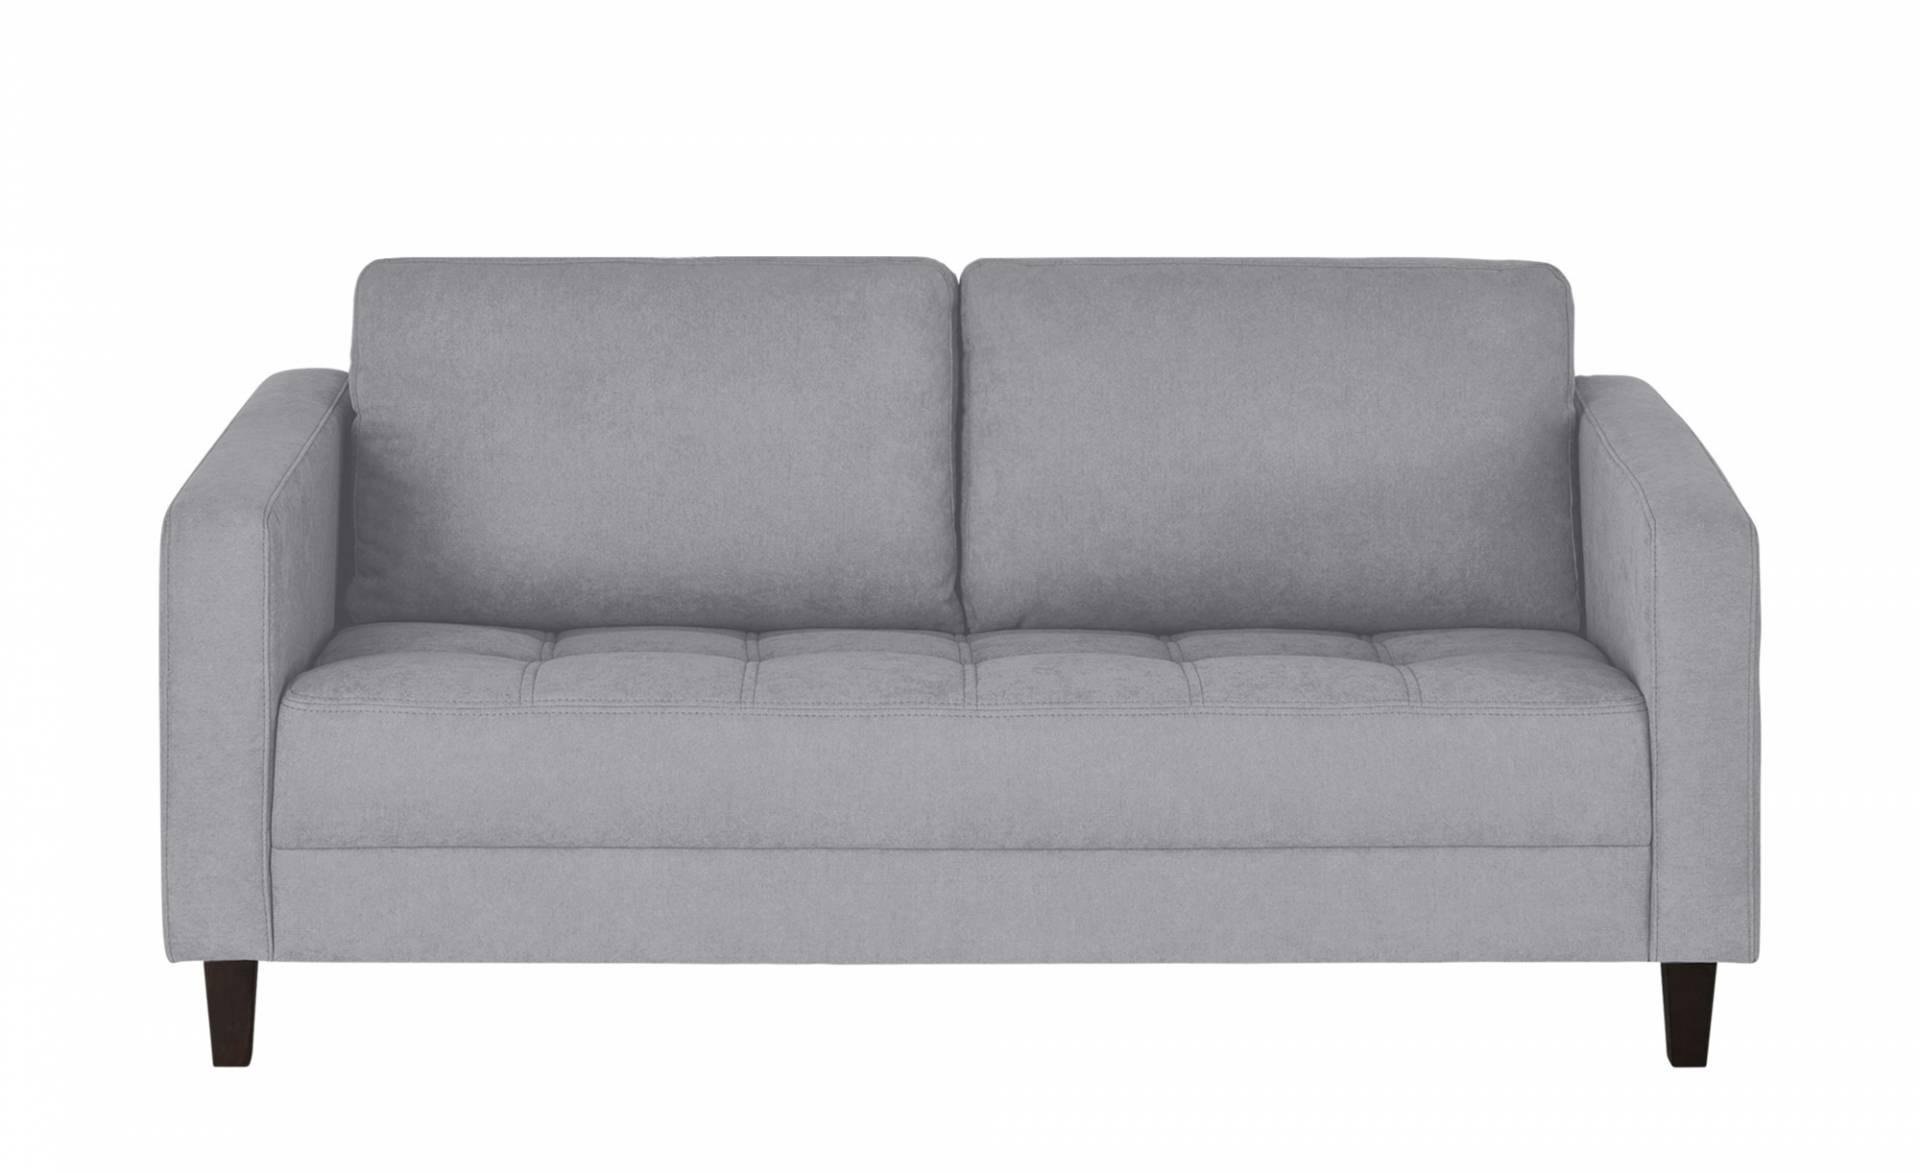 2 Sitzer und weitere Sofas & Couches bei Möbel Höffner